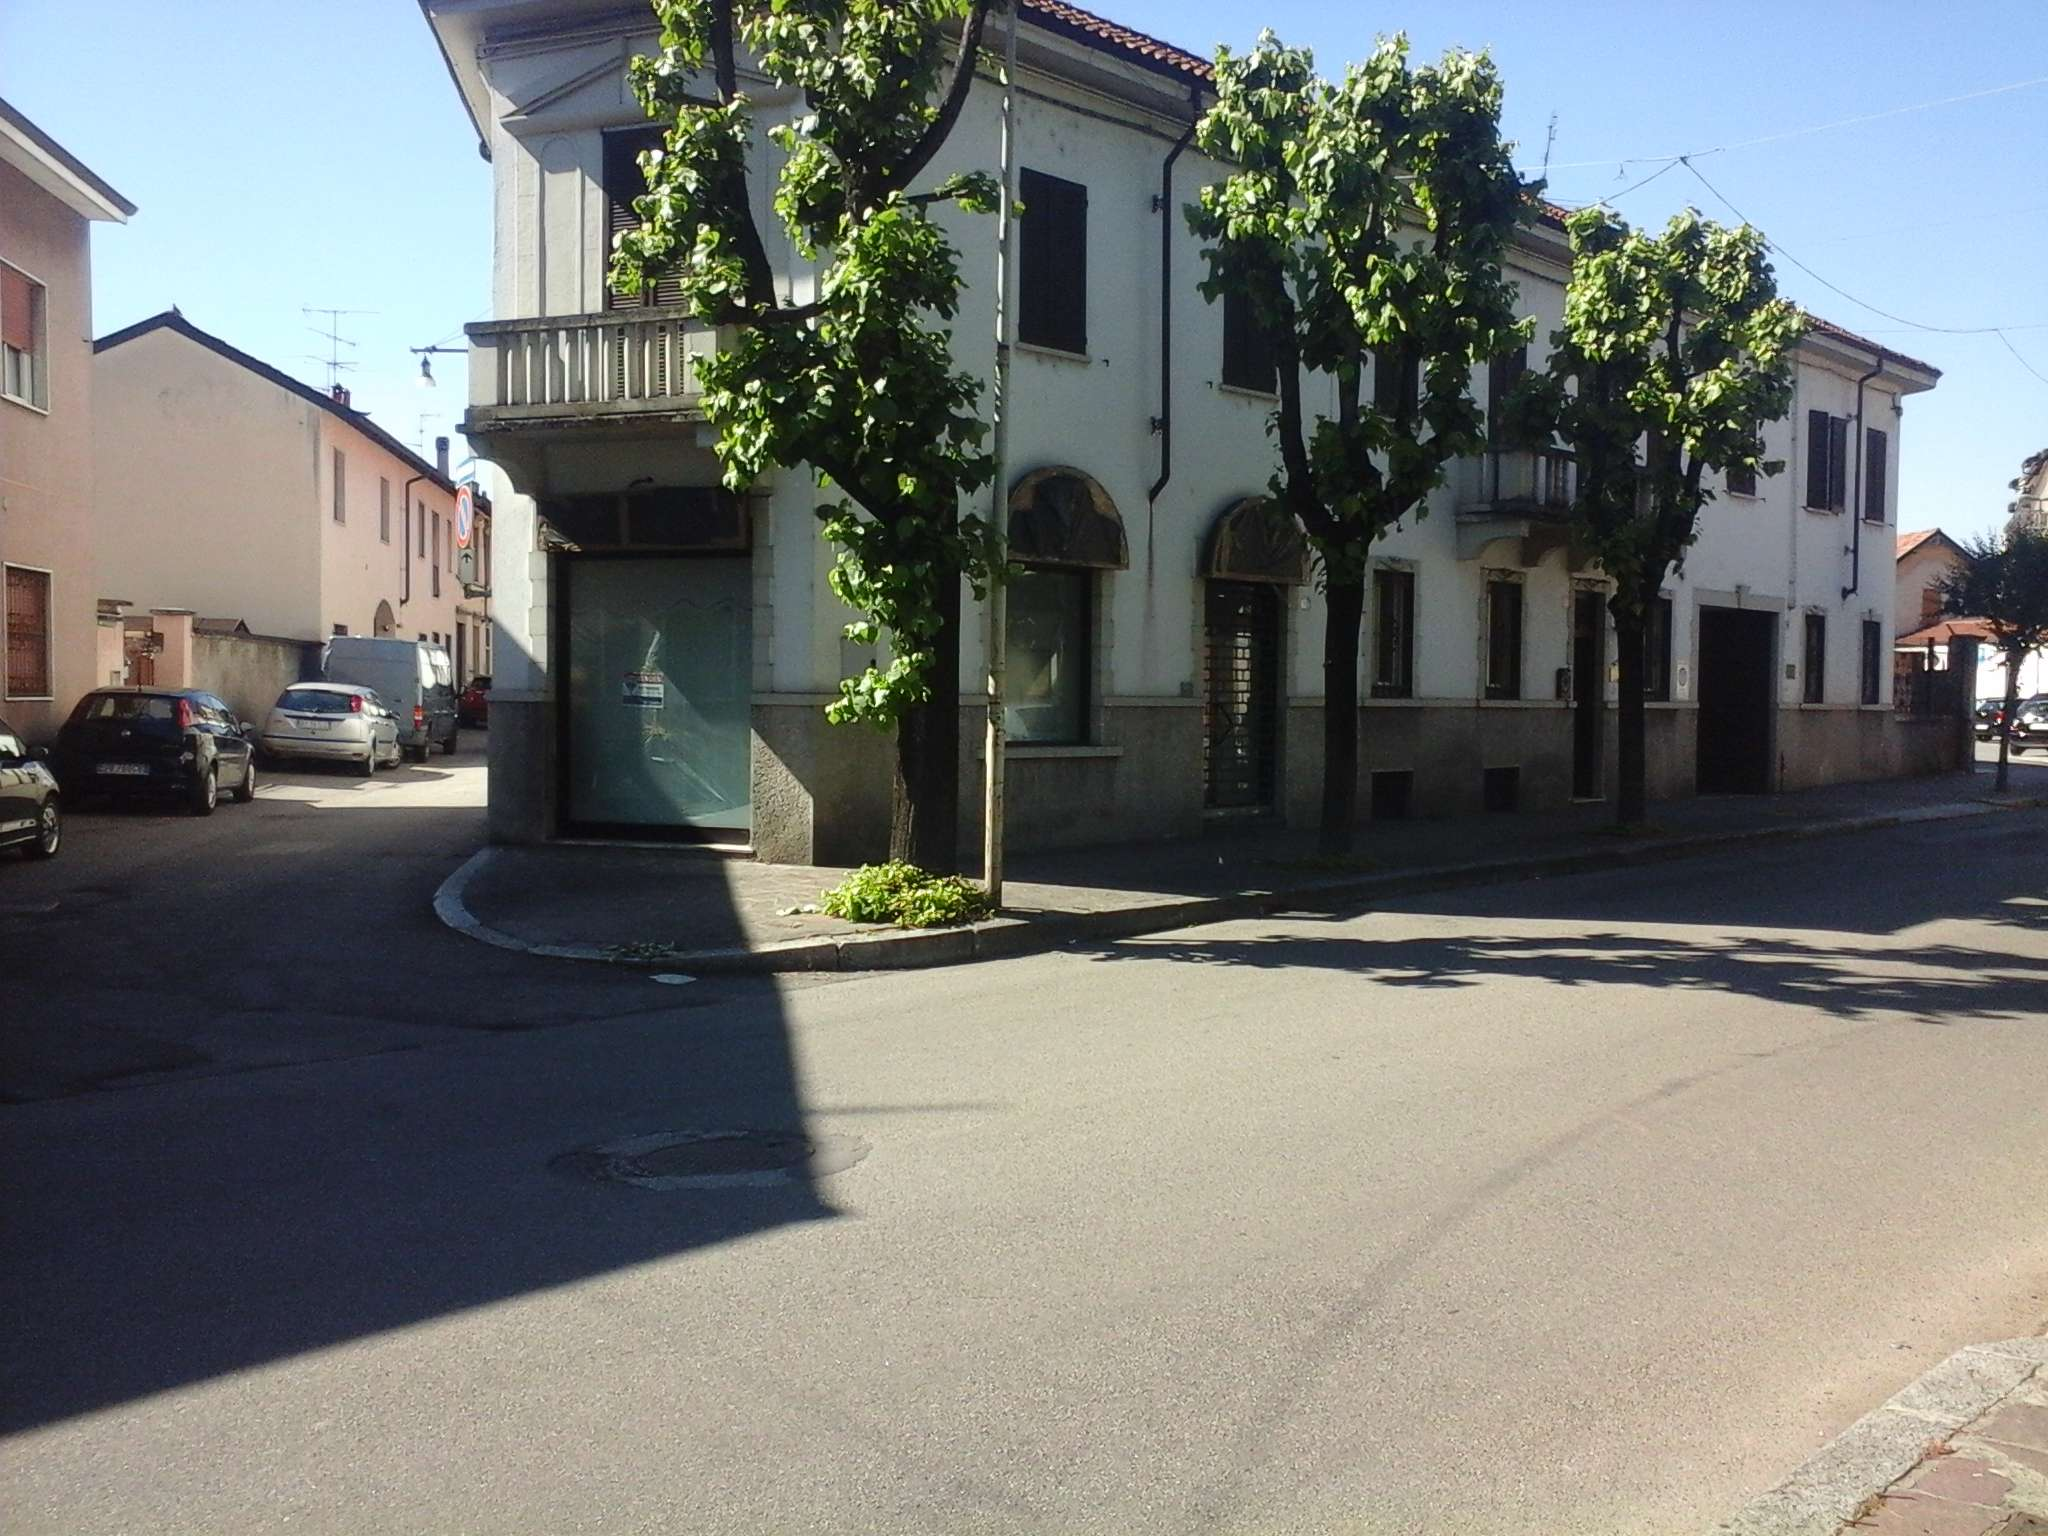 Attività / Licenza in vendita a Parabiago, 3 locali, prezzo € 25.000   Cambio Casa.it